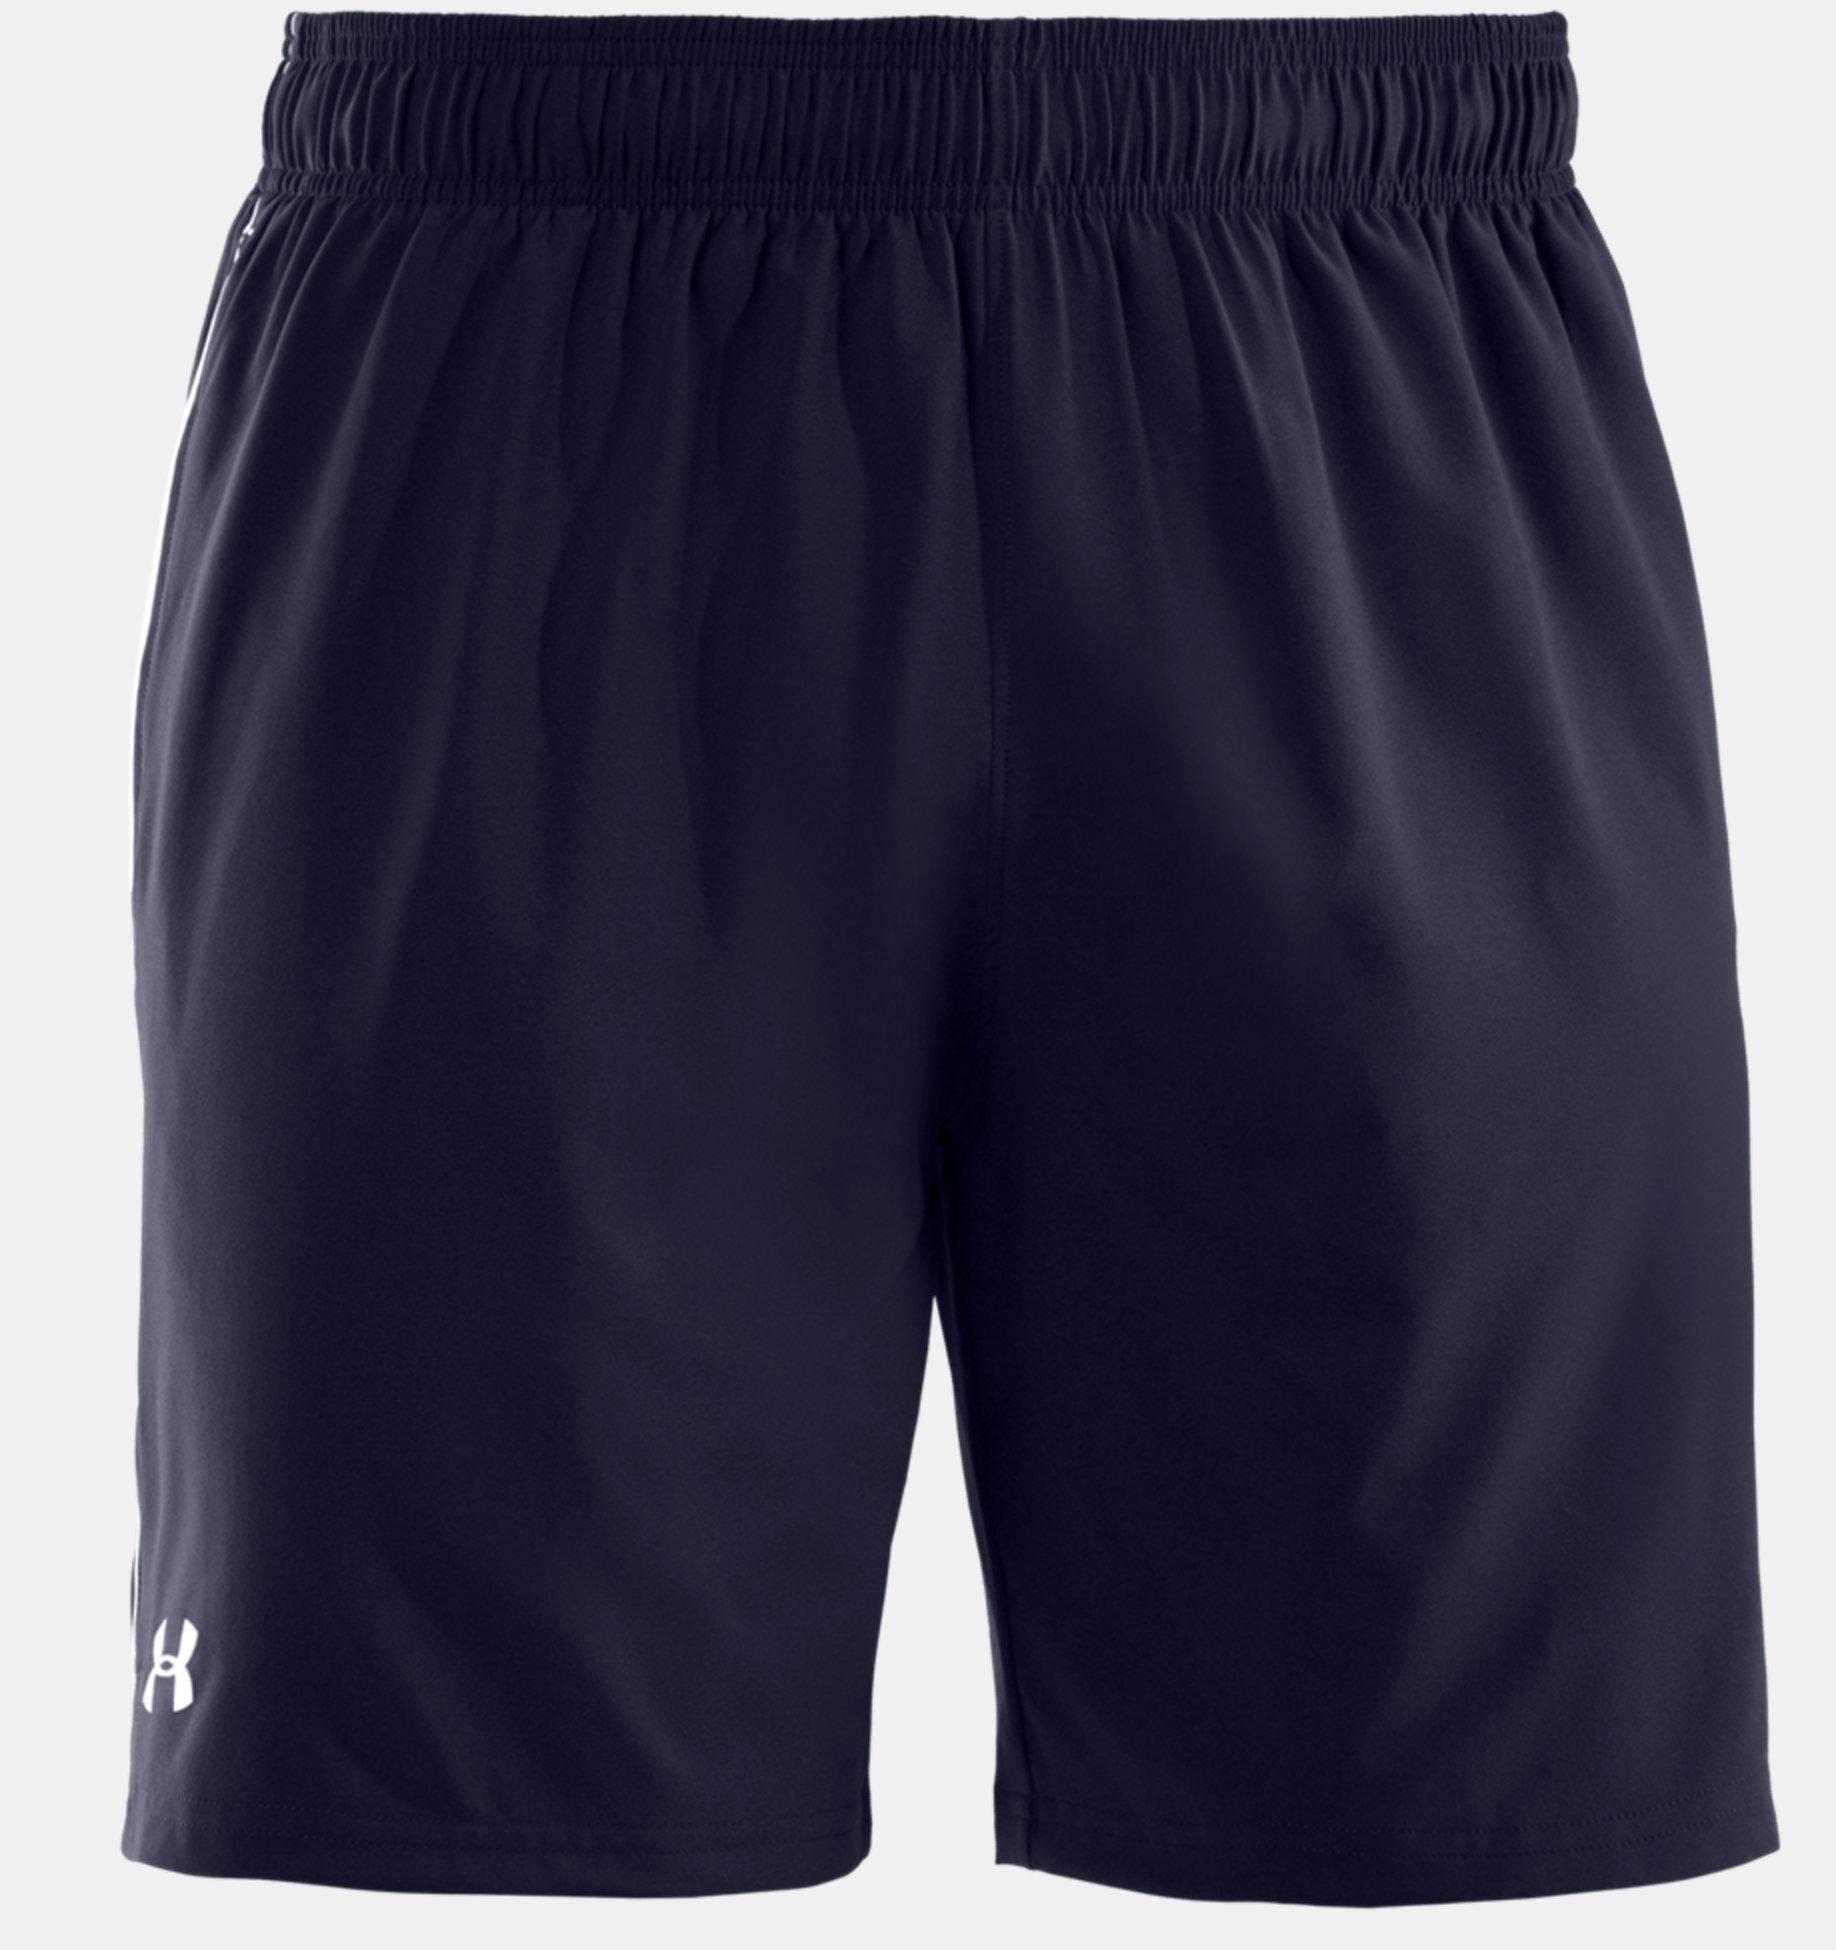 26251553e Men's UA Mirage Shorts | Under Armour AU